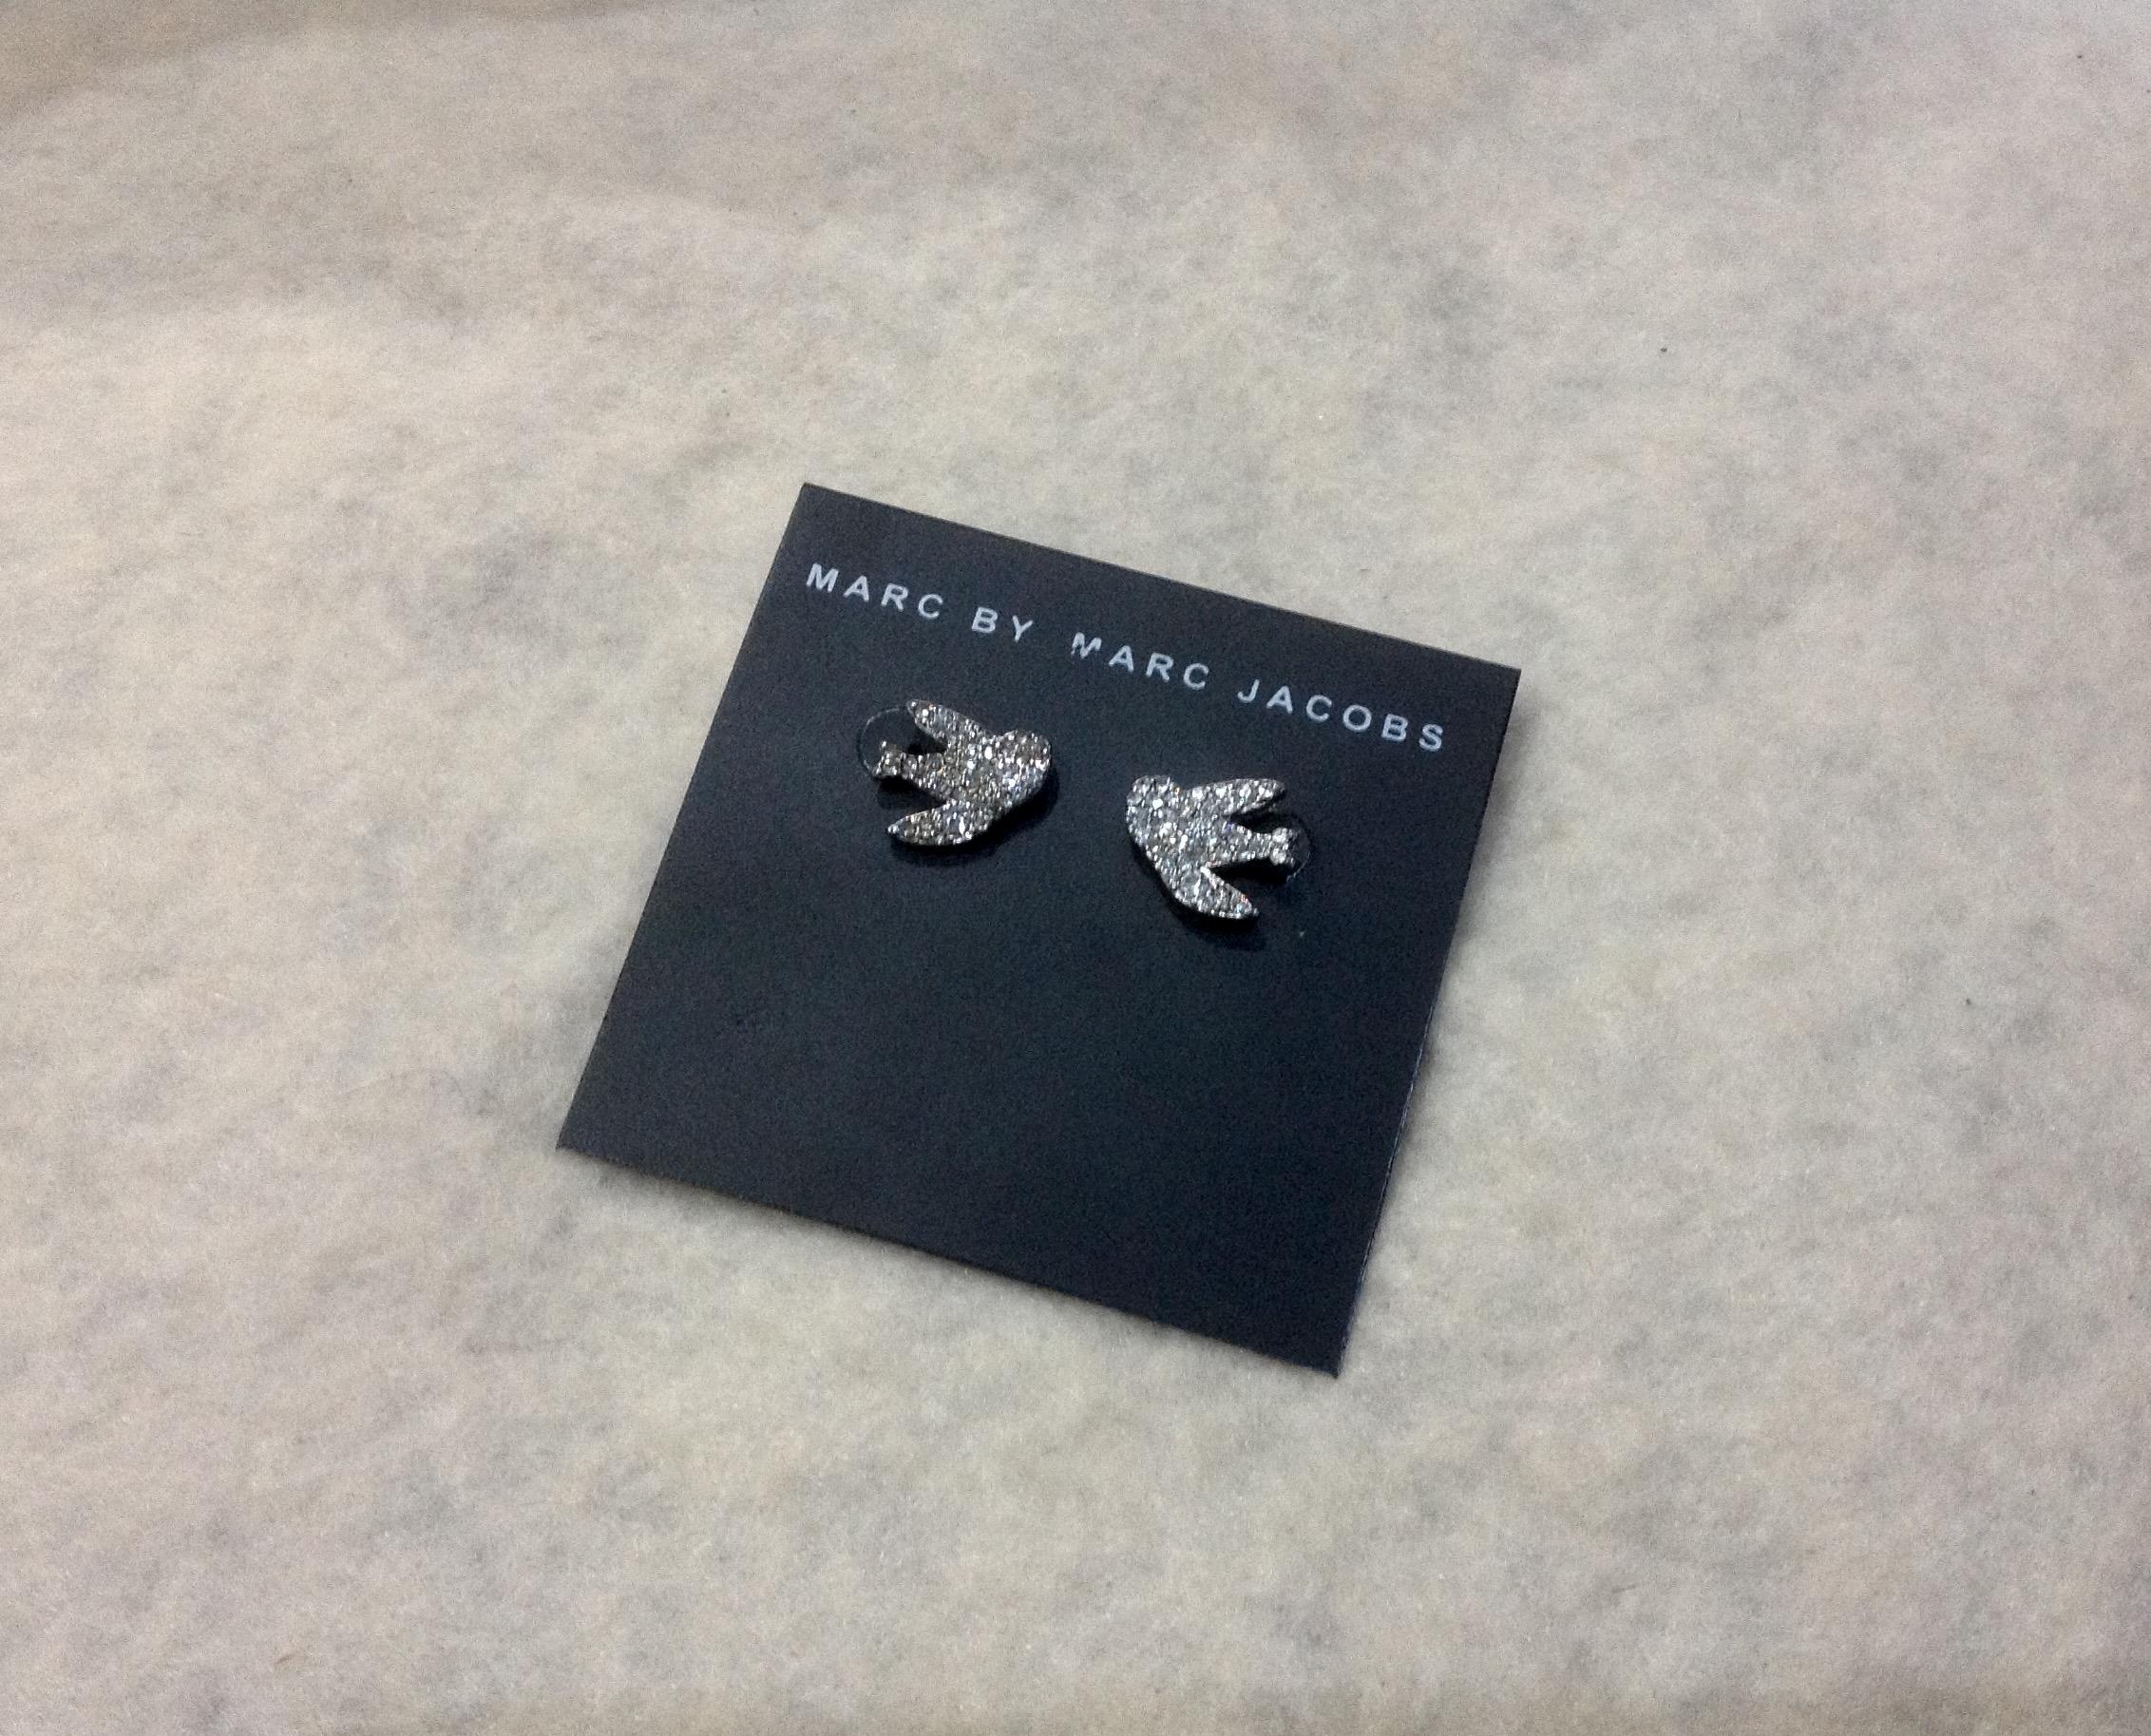 พร้อมส่งค่ะ ต่างหูแป้นนกกางเขน Marc by Marc Jacobs